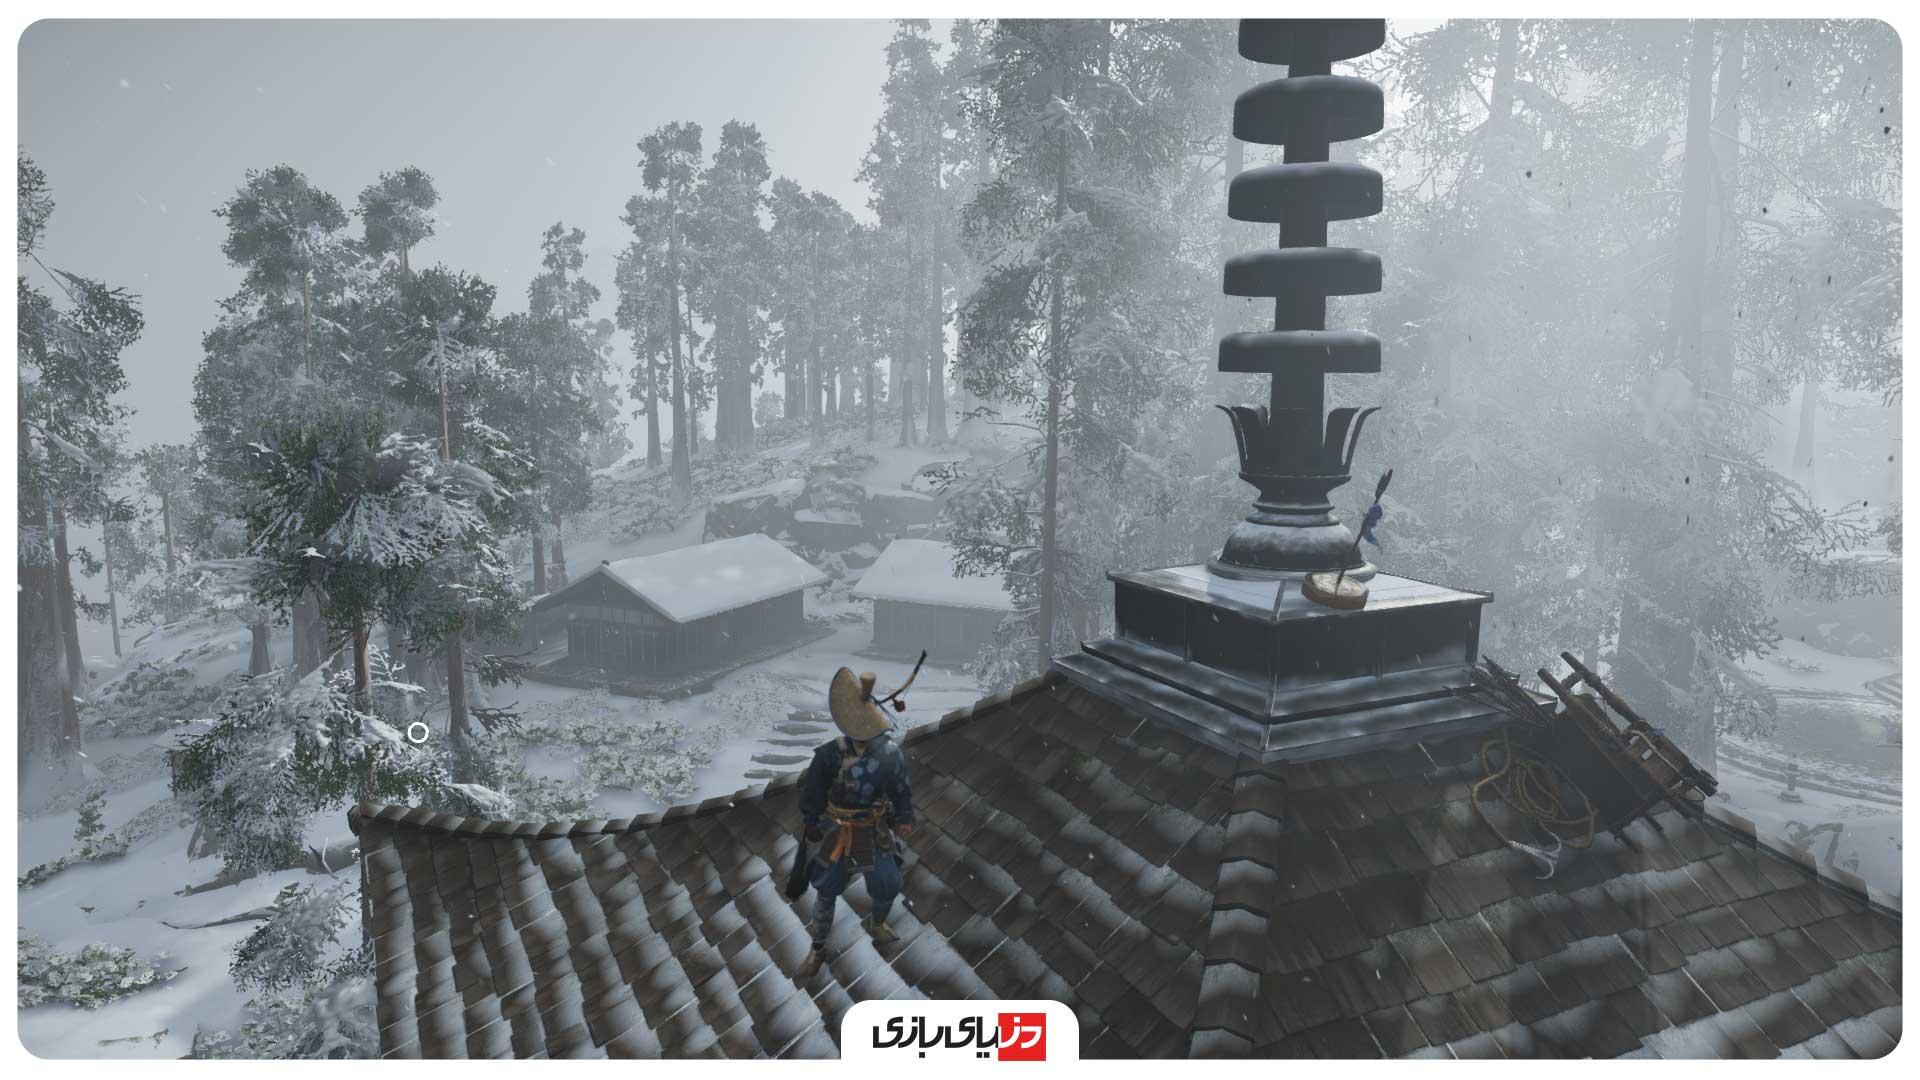 راهنمای قدم به قدم بازی Ghost of Tsushima